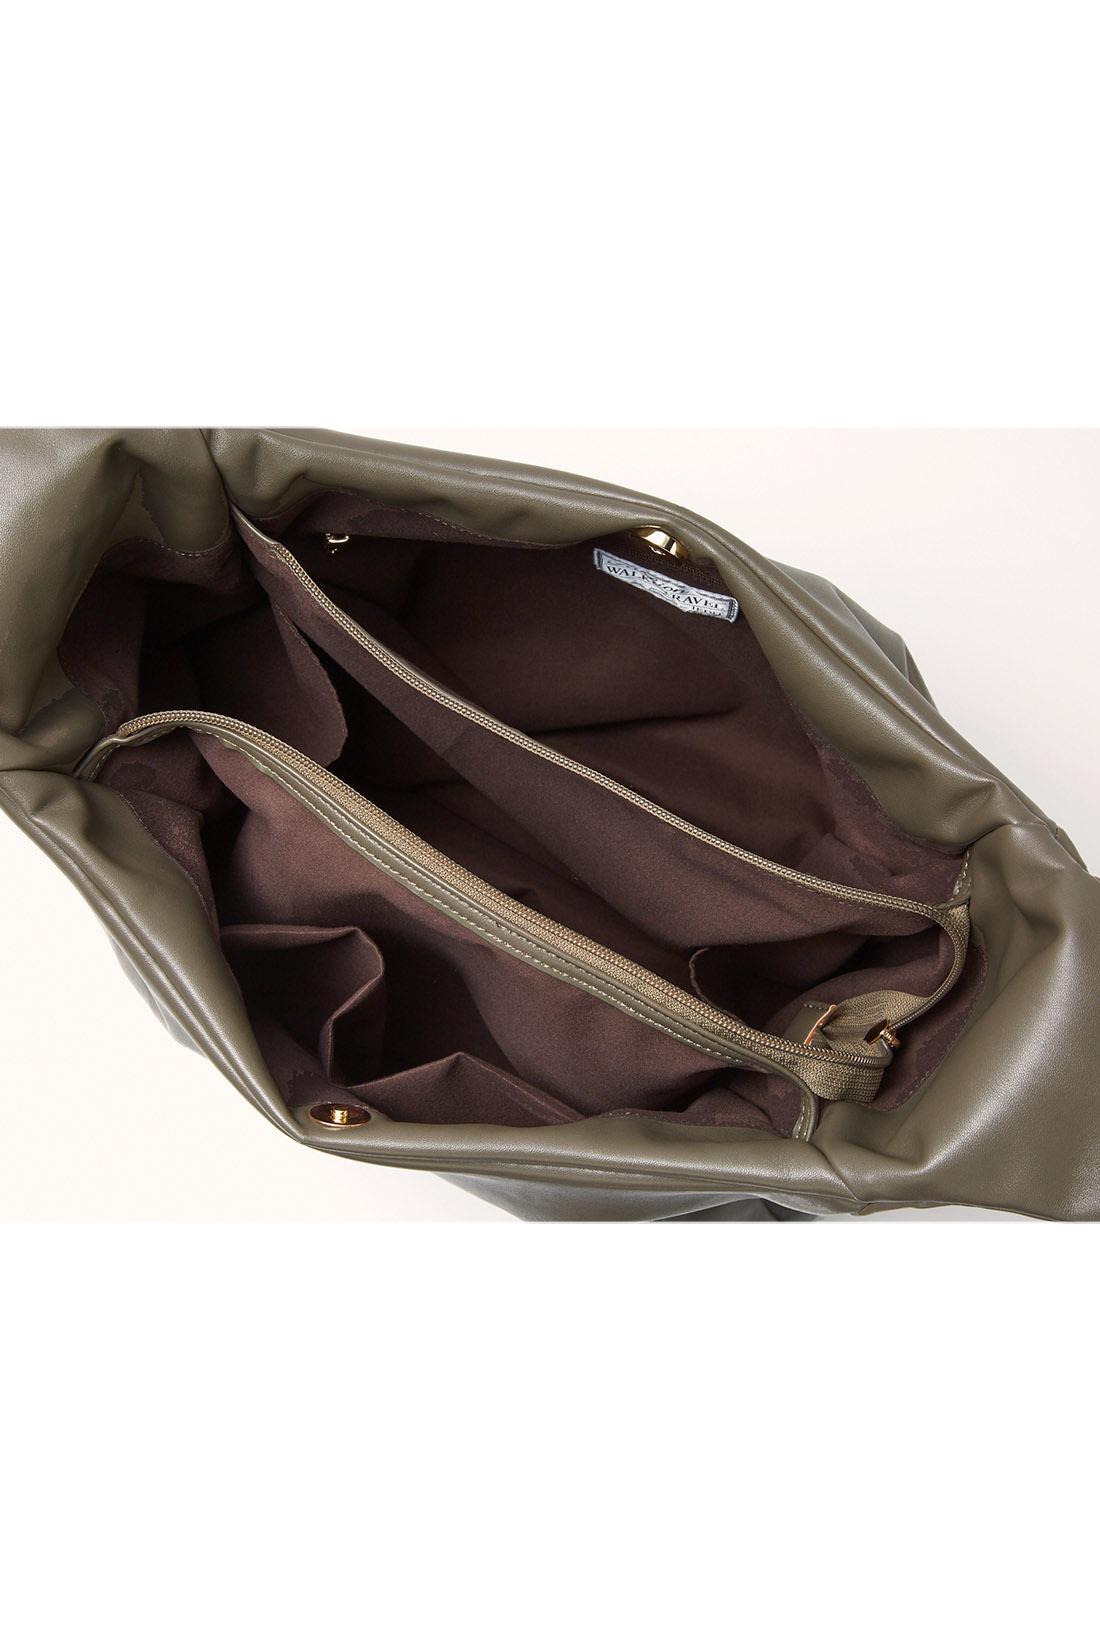 仕分け上手な3部屋構造 バッグの中で荷物が迷子にならない3部屋構造。貴重品はファスナー付きの真ん中の部屋へ。さらに3ヵ所のポケットと2ヵ所の外ポケット付き。